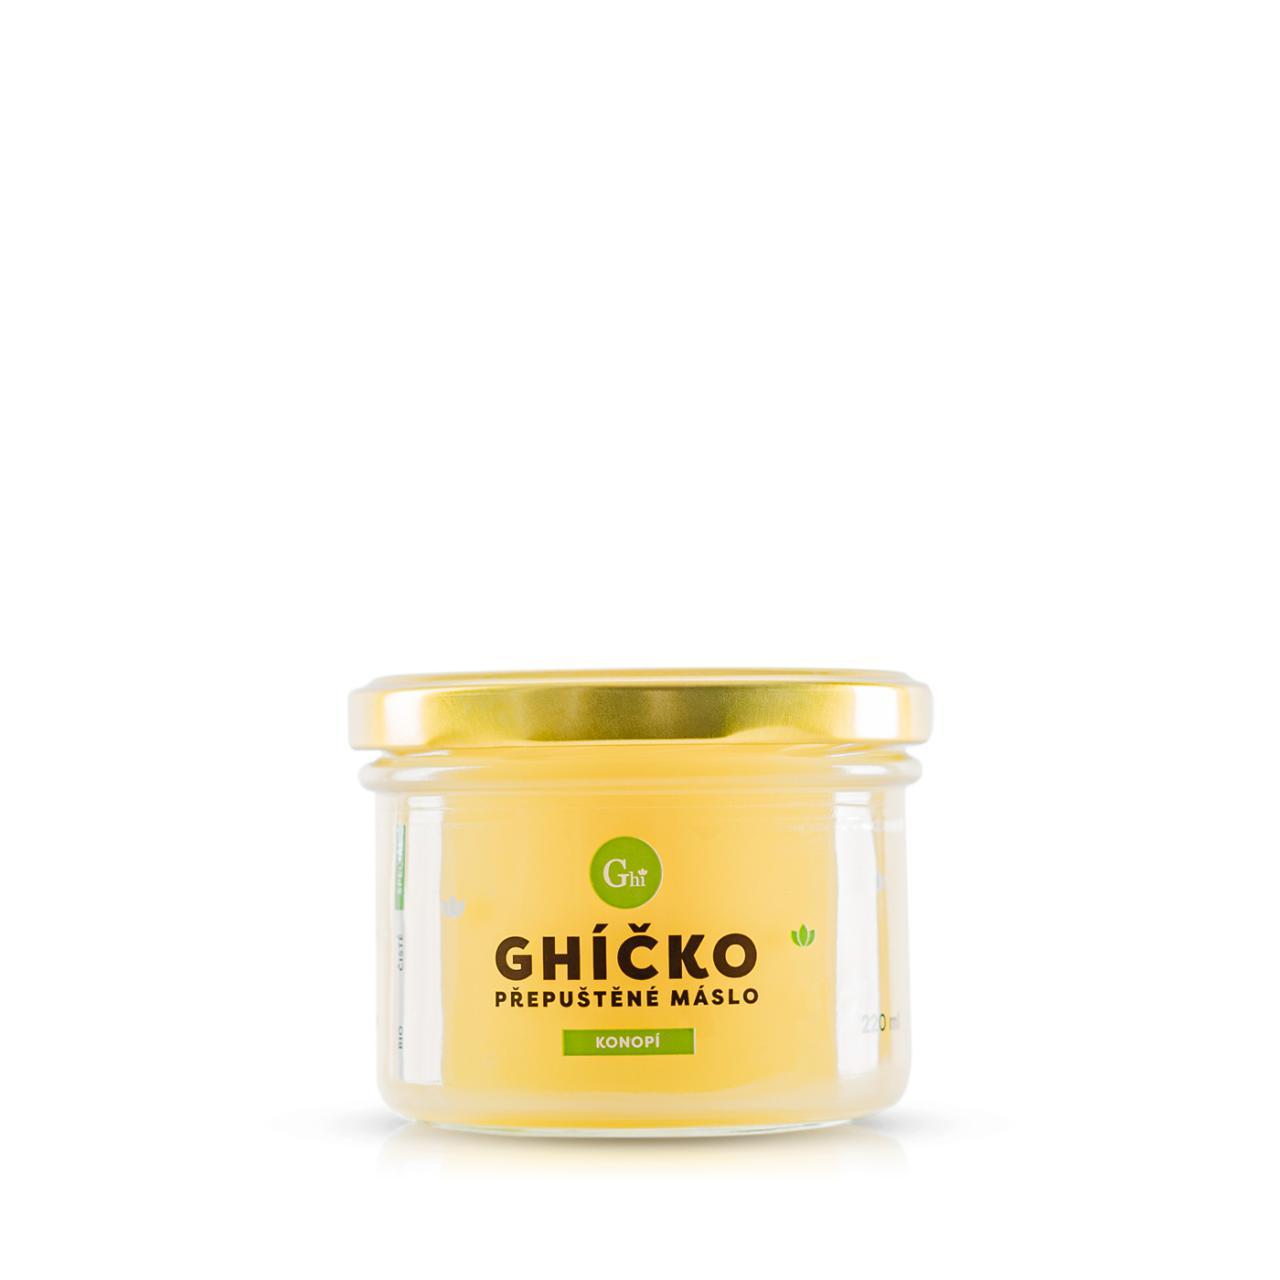 Ghí přepuštěné máslo 220ml speciál konopí